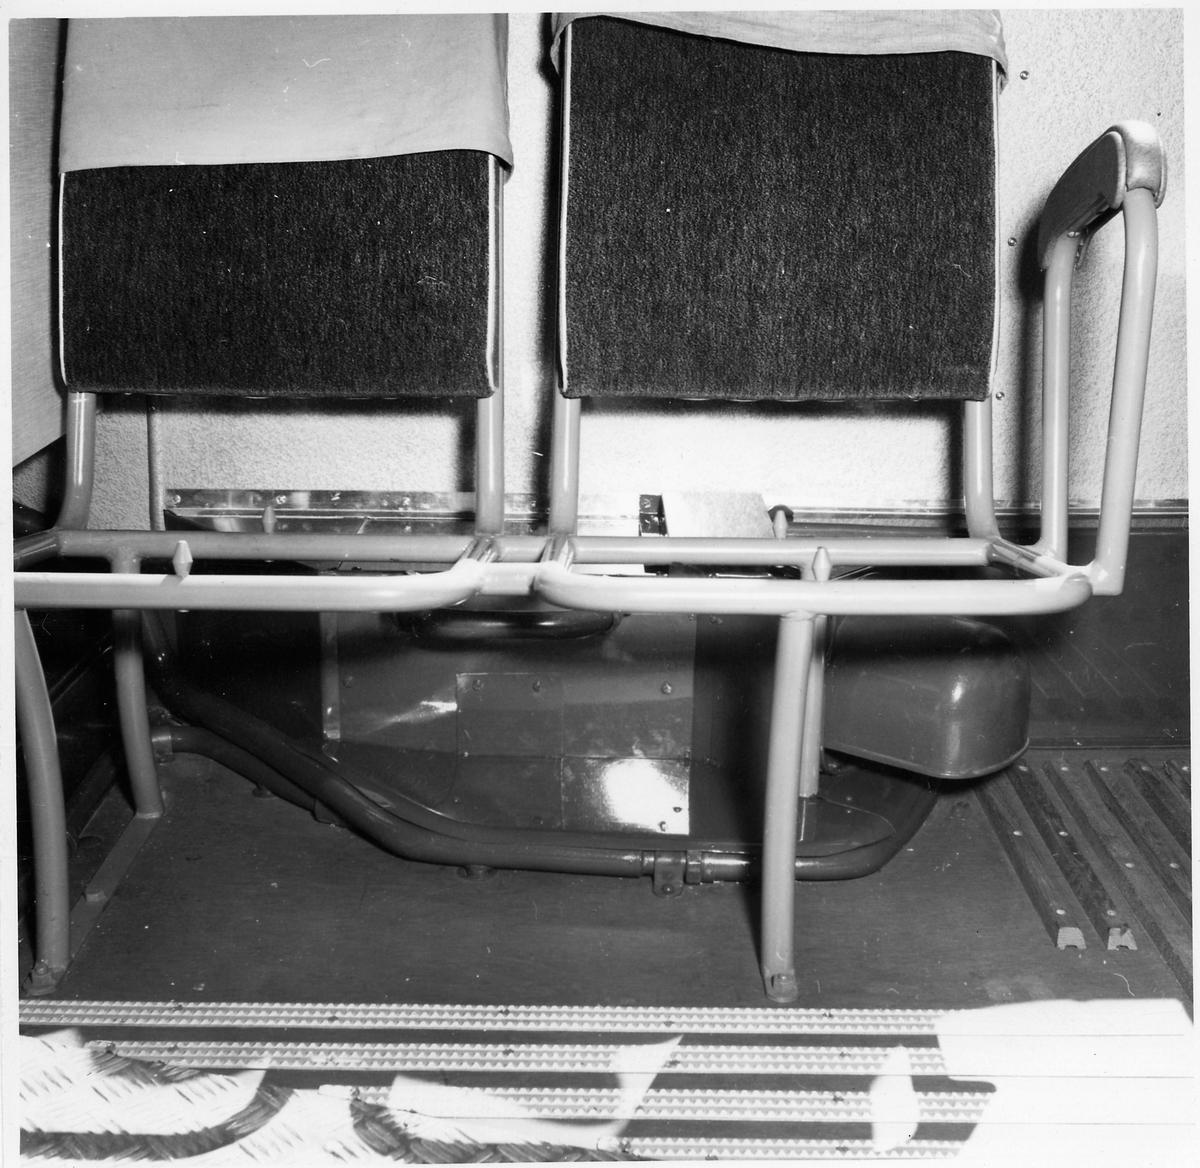 Interiör från en buss. Sittplatser utan sitsar.